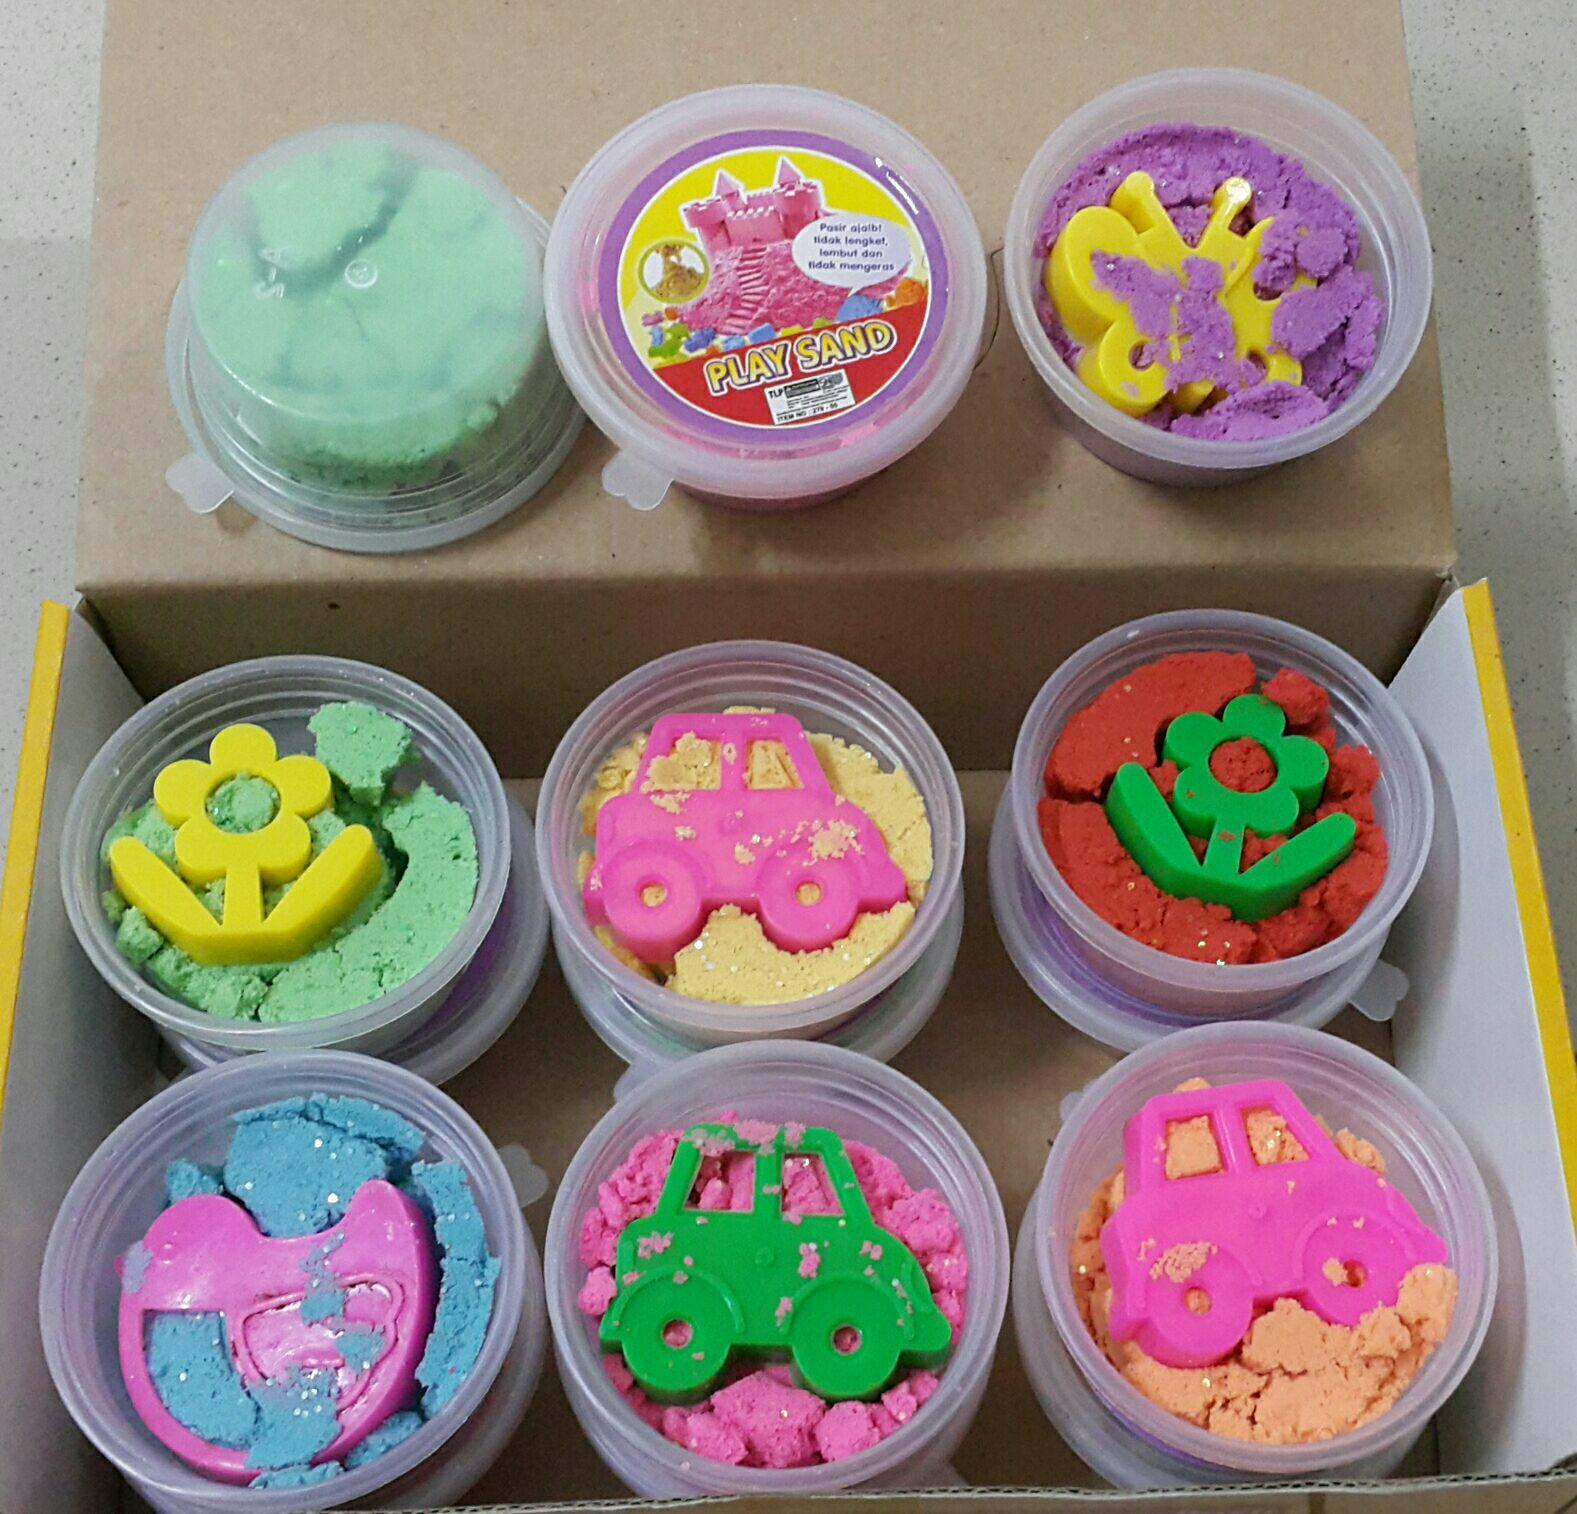 Jual Pasir Kinetik Murah Garansi Dan Berkualitas Id Store Refil  Isi 3 Toples Rp 14800 Yangunik Mainan Anak